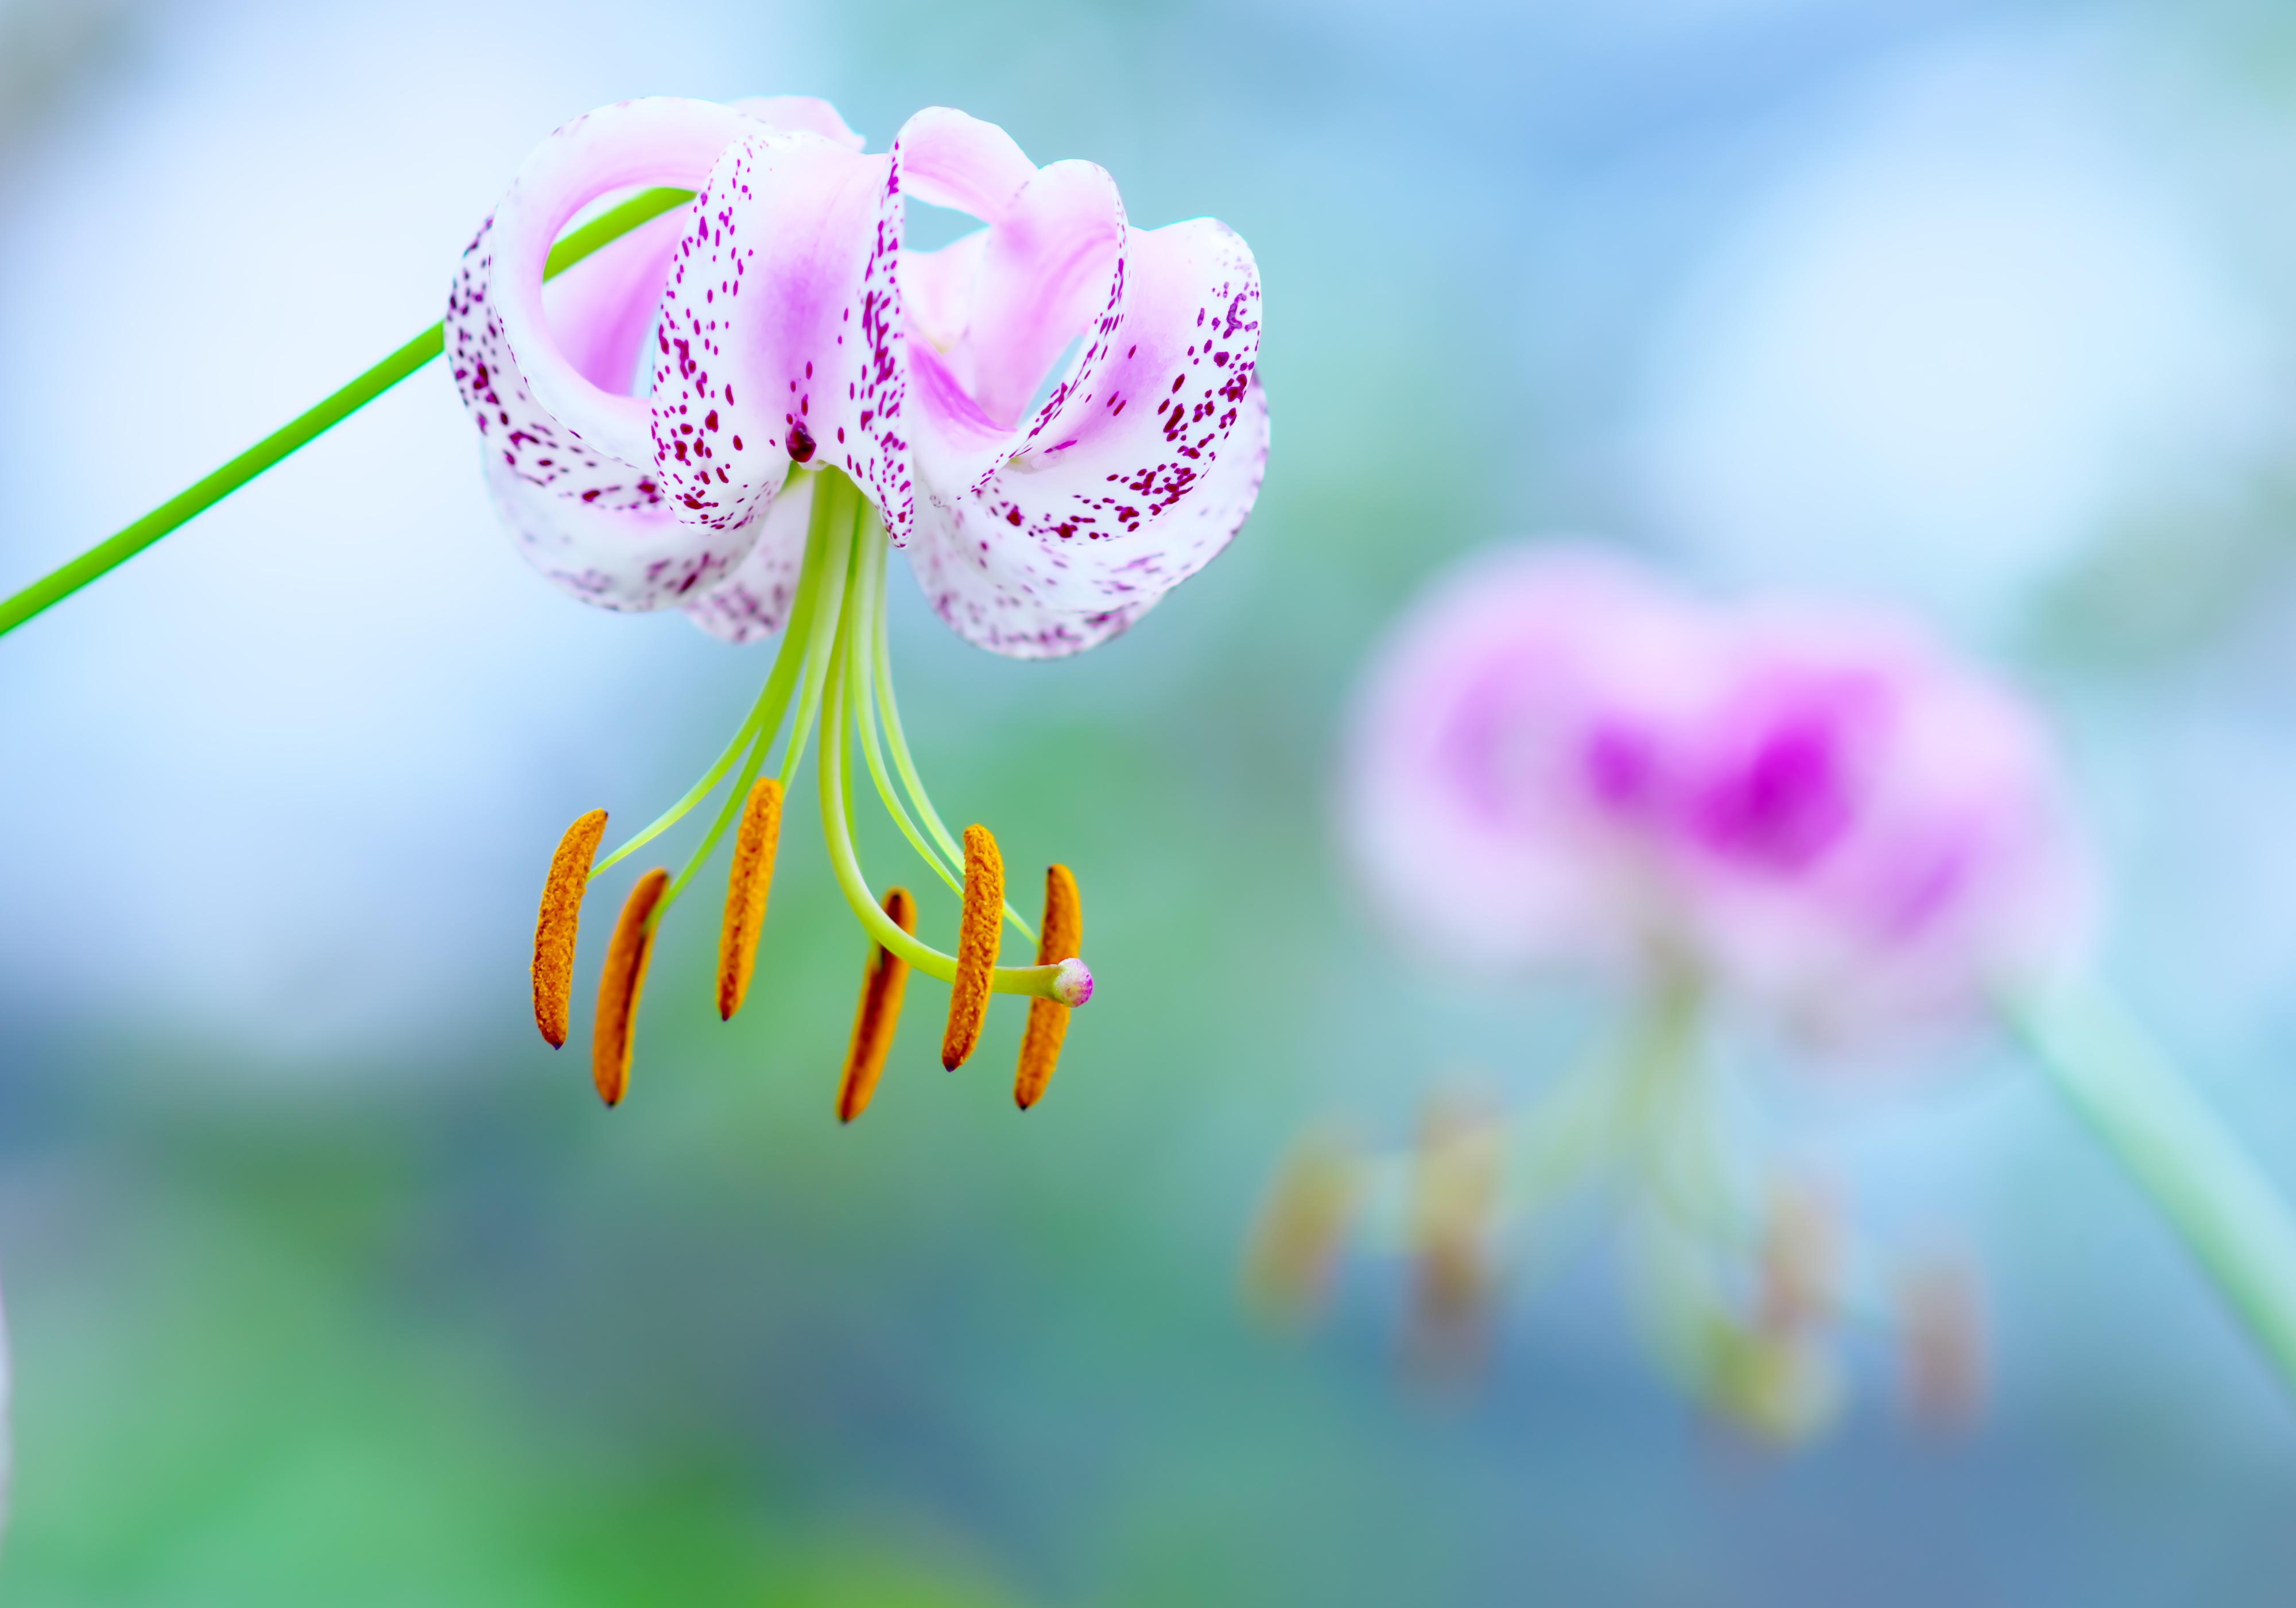 макро цветок пестик  № 3231574 загрузить